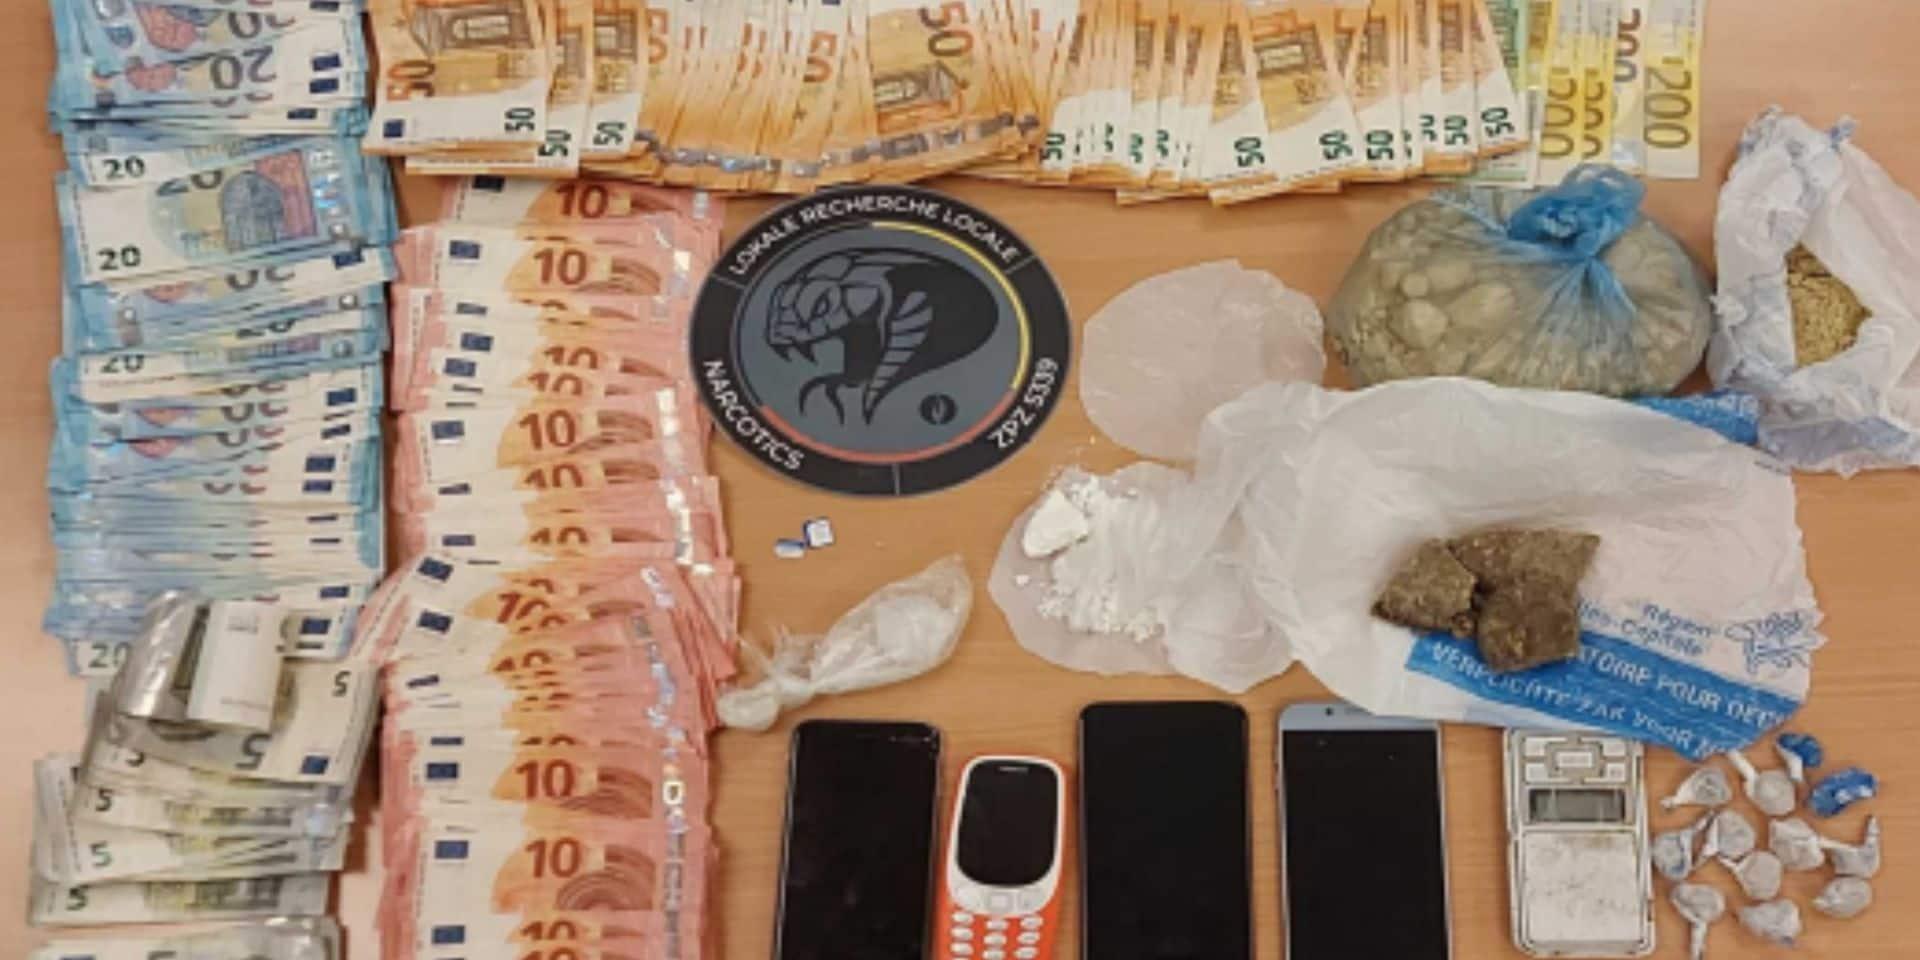 Héroïne, cocaïne, téléphones et argent en liquide: trois hommes placés sous mandat d'arrêt après une perquisition de la police